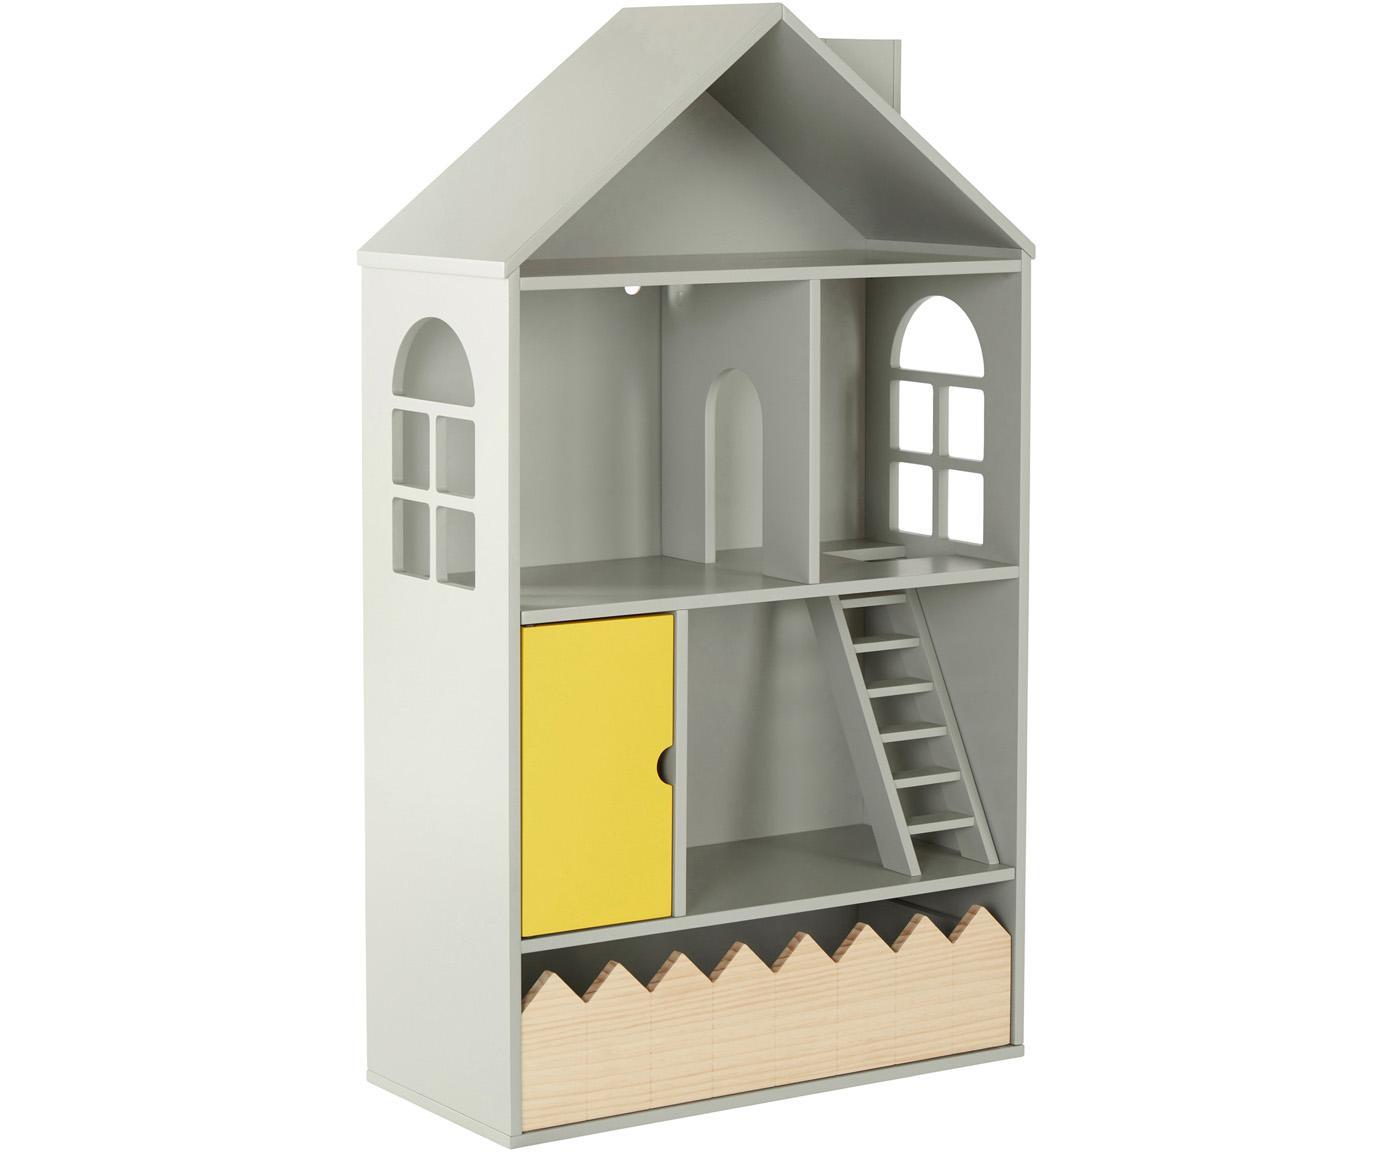 Casita de juguete Mi Casa Su Casa, Madera de pino, tablero de fibras de densidad media (MDF), Gris, amarillo, An 61 x Al 106